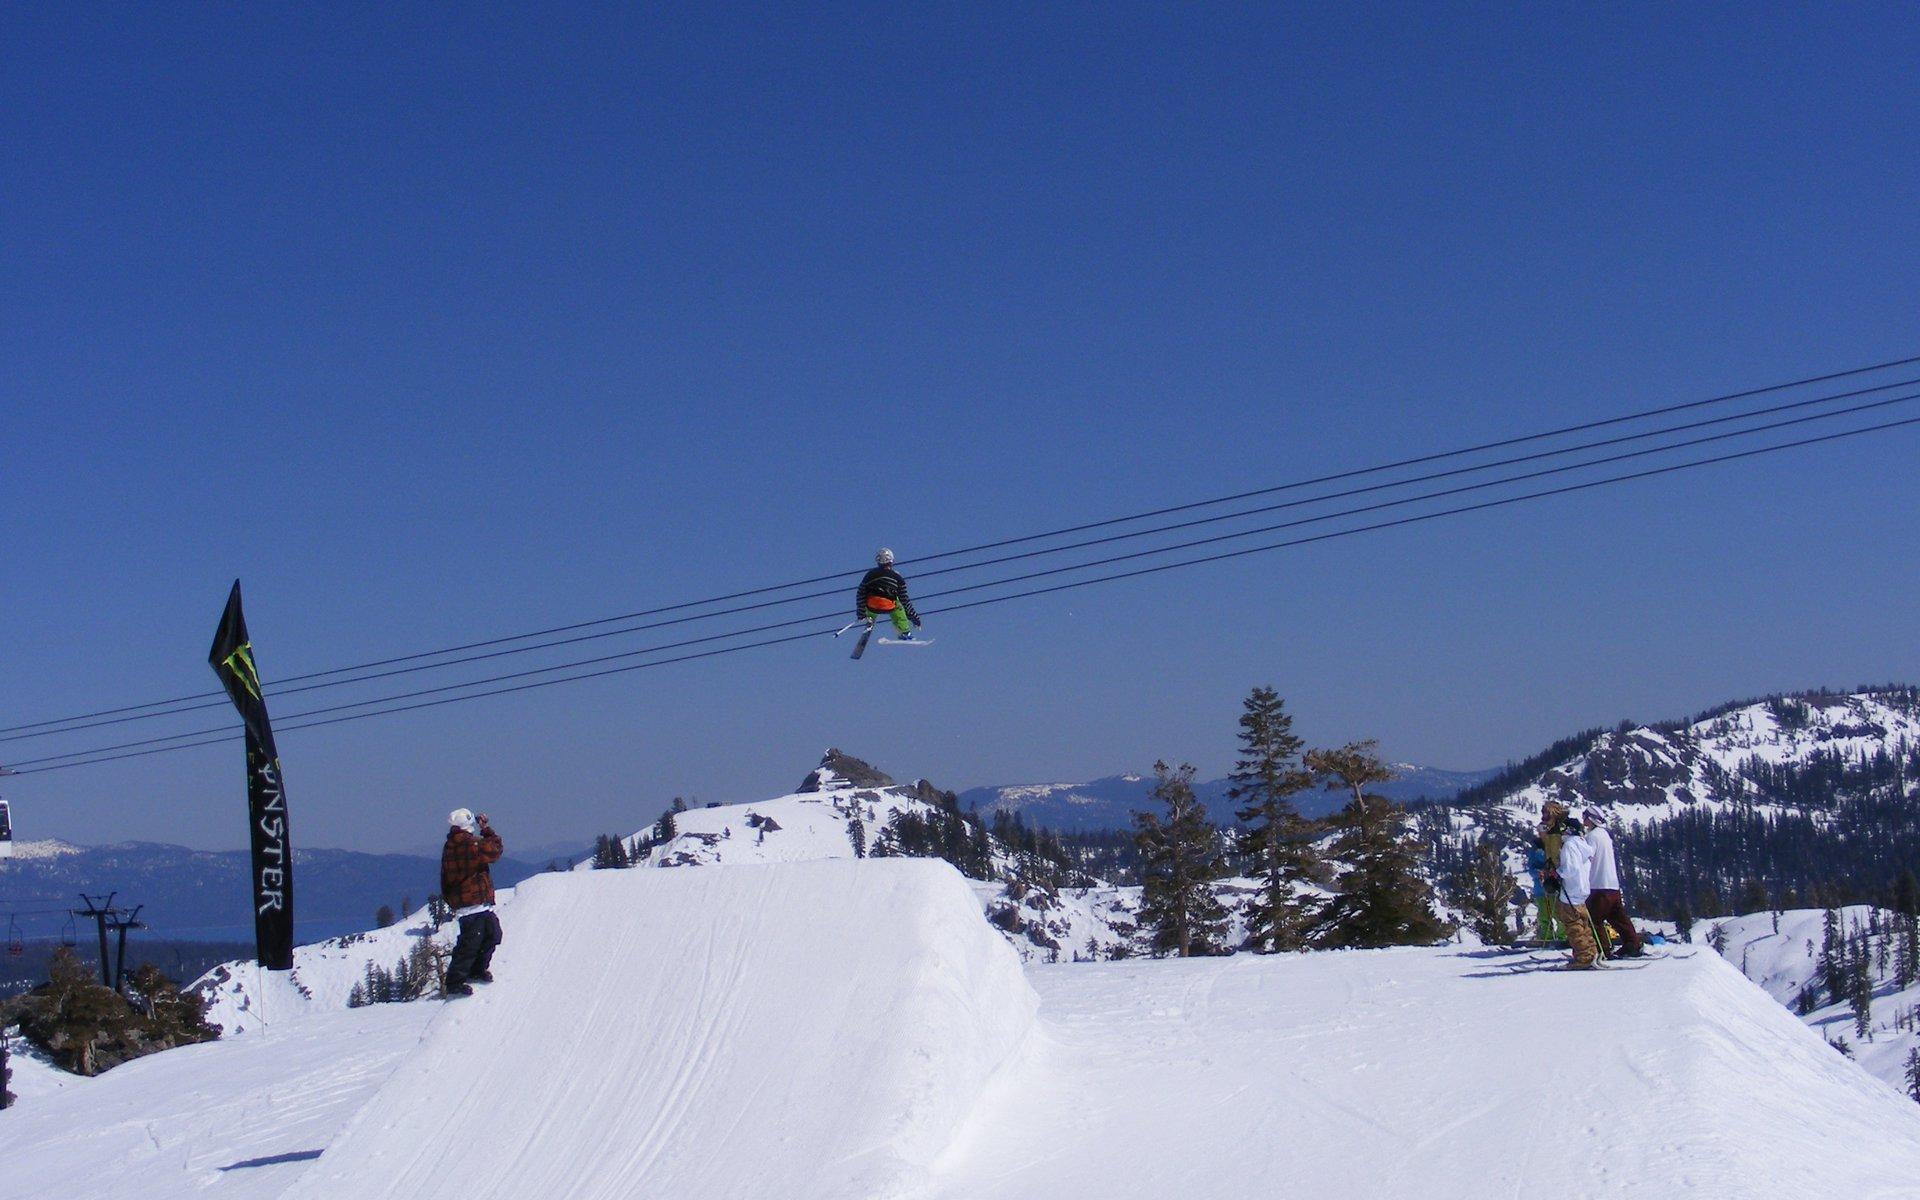 Big jump at squaw - 2 of 3